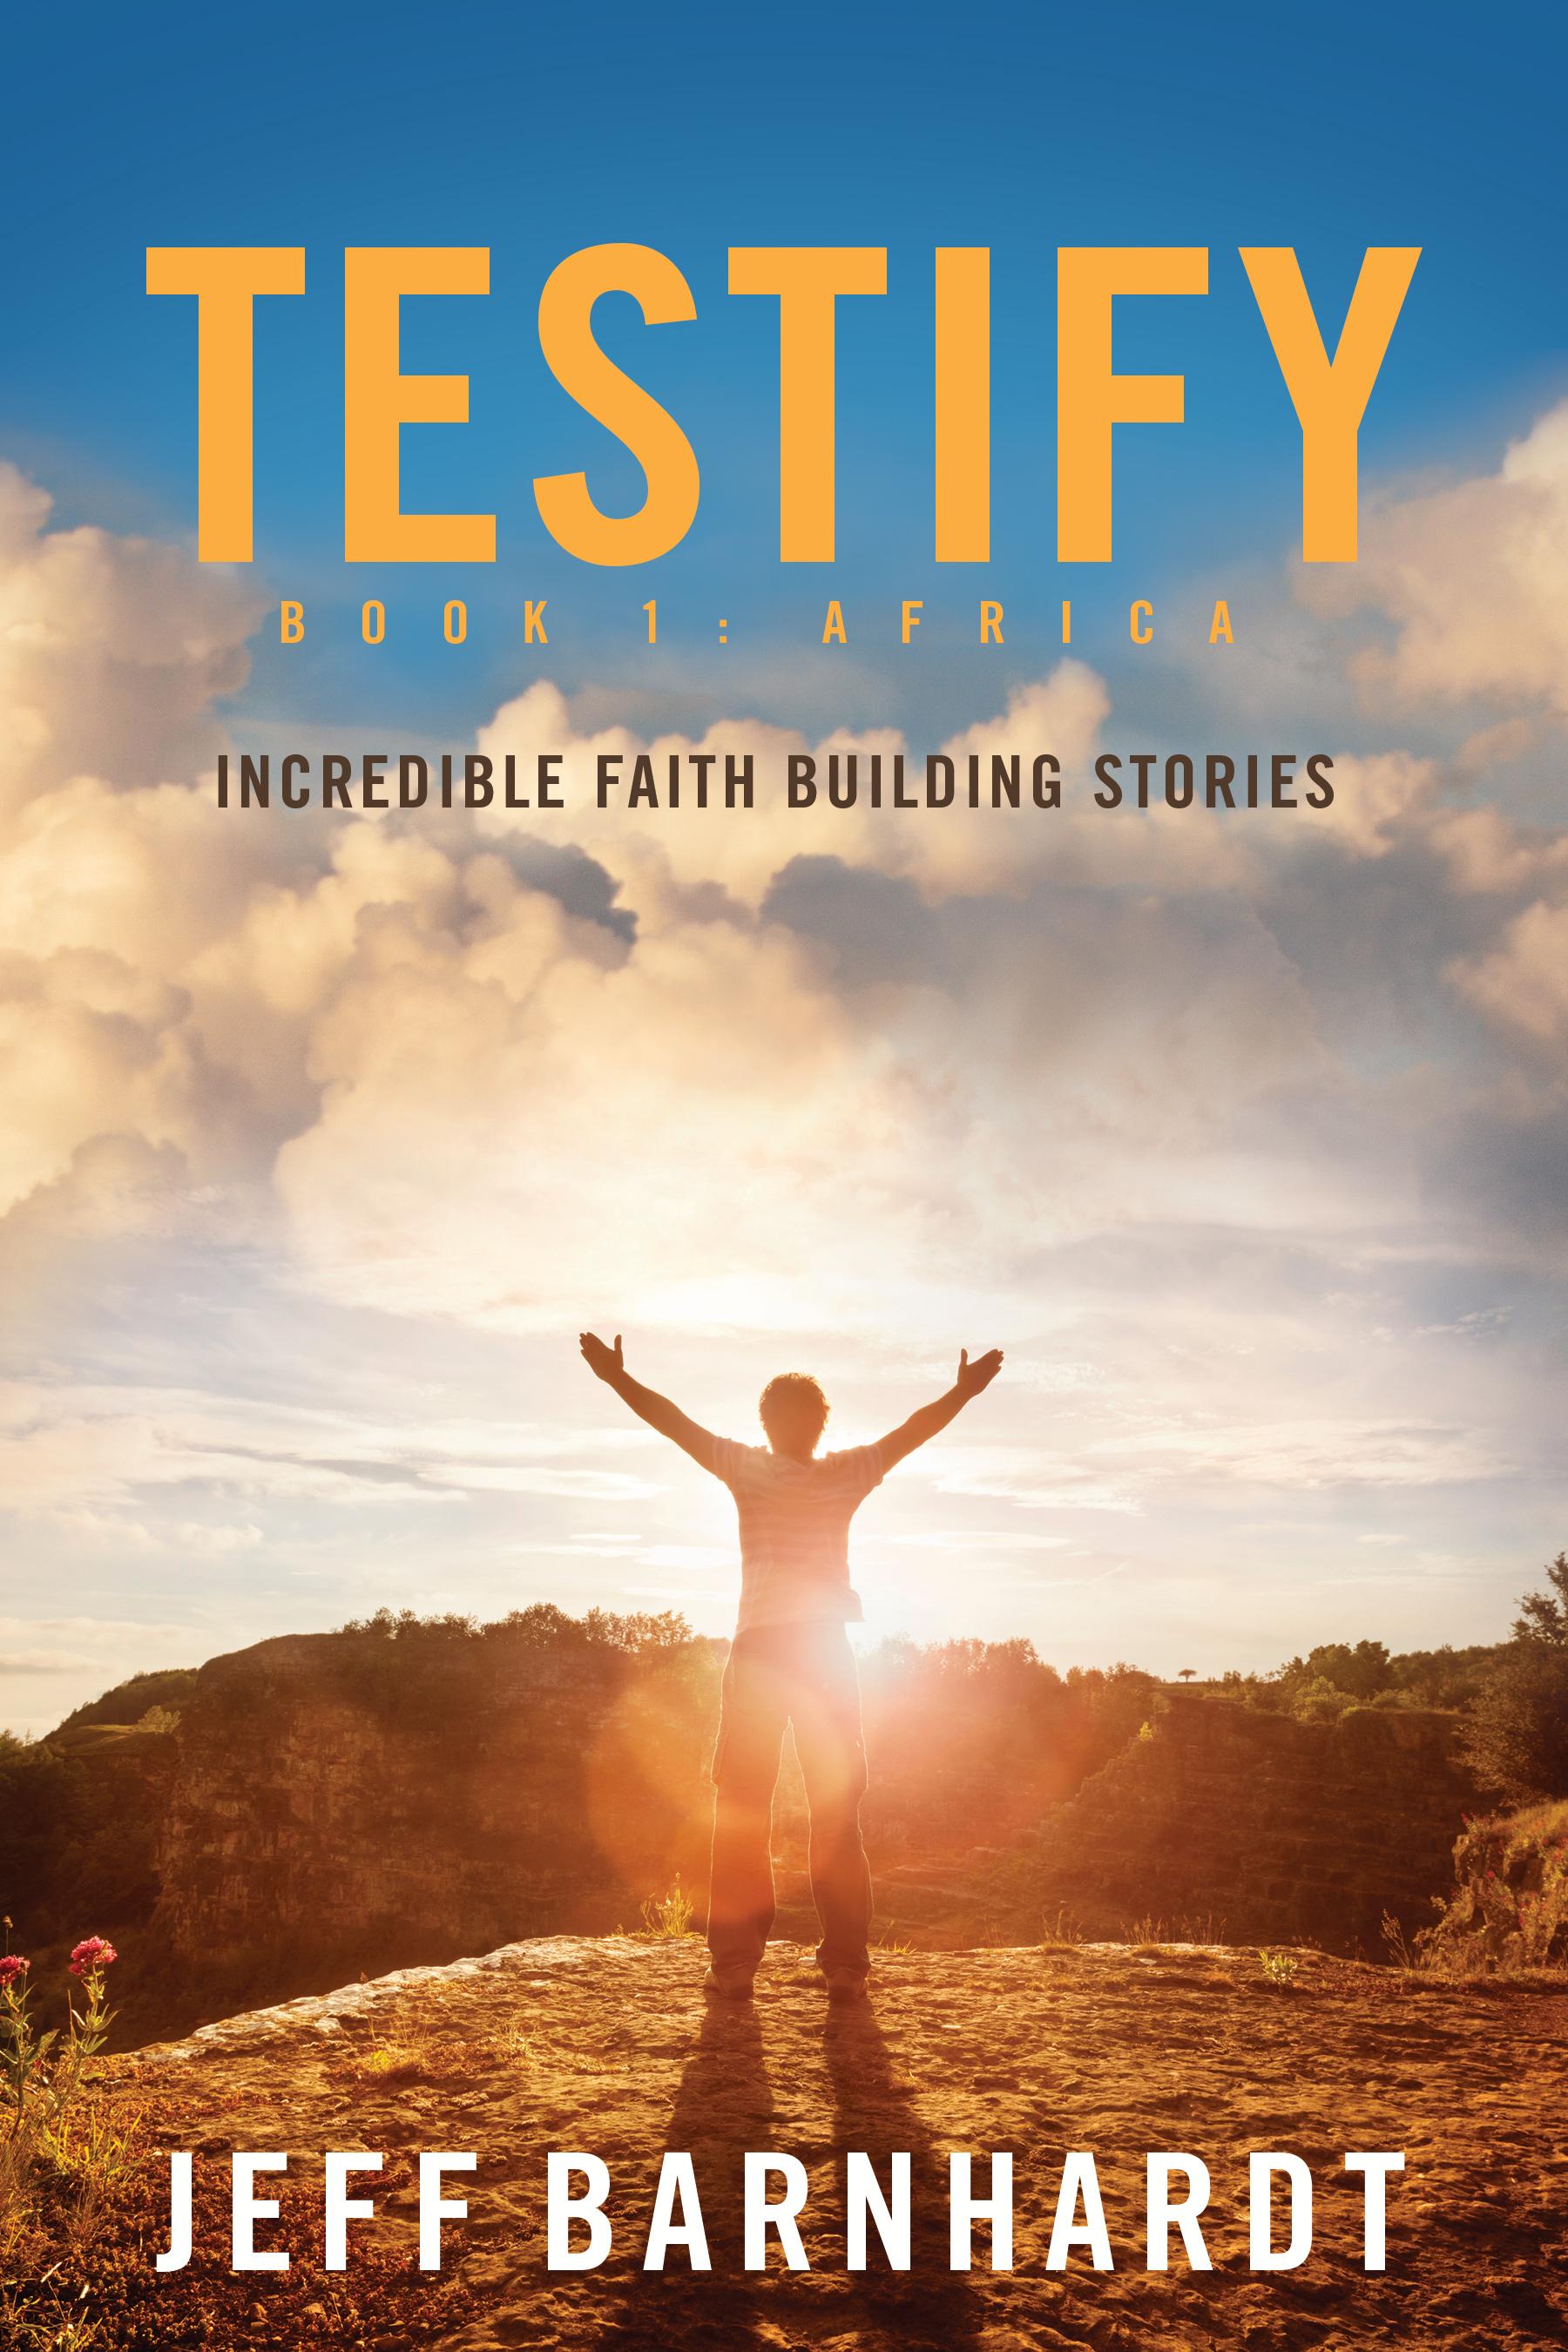 Testify cover.jpg